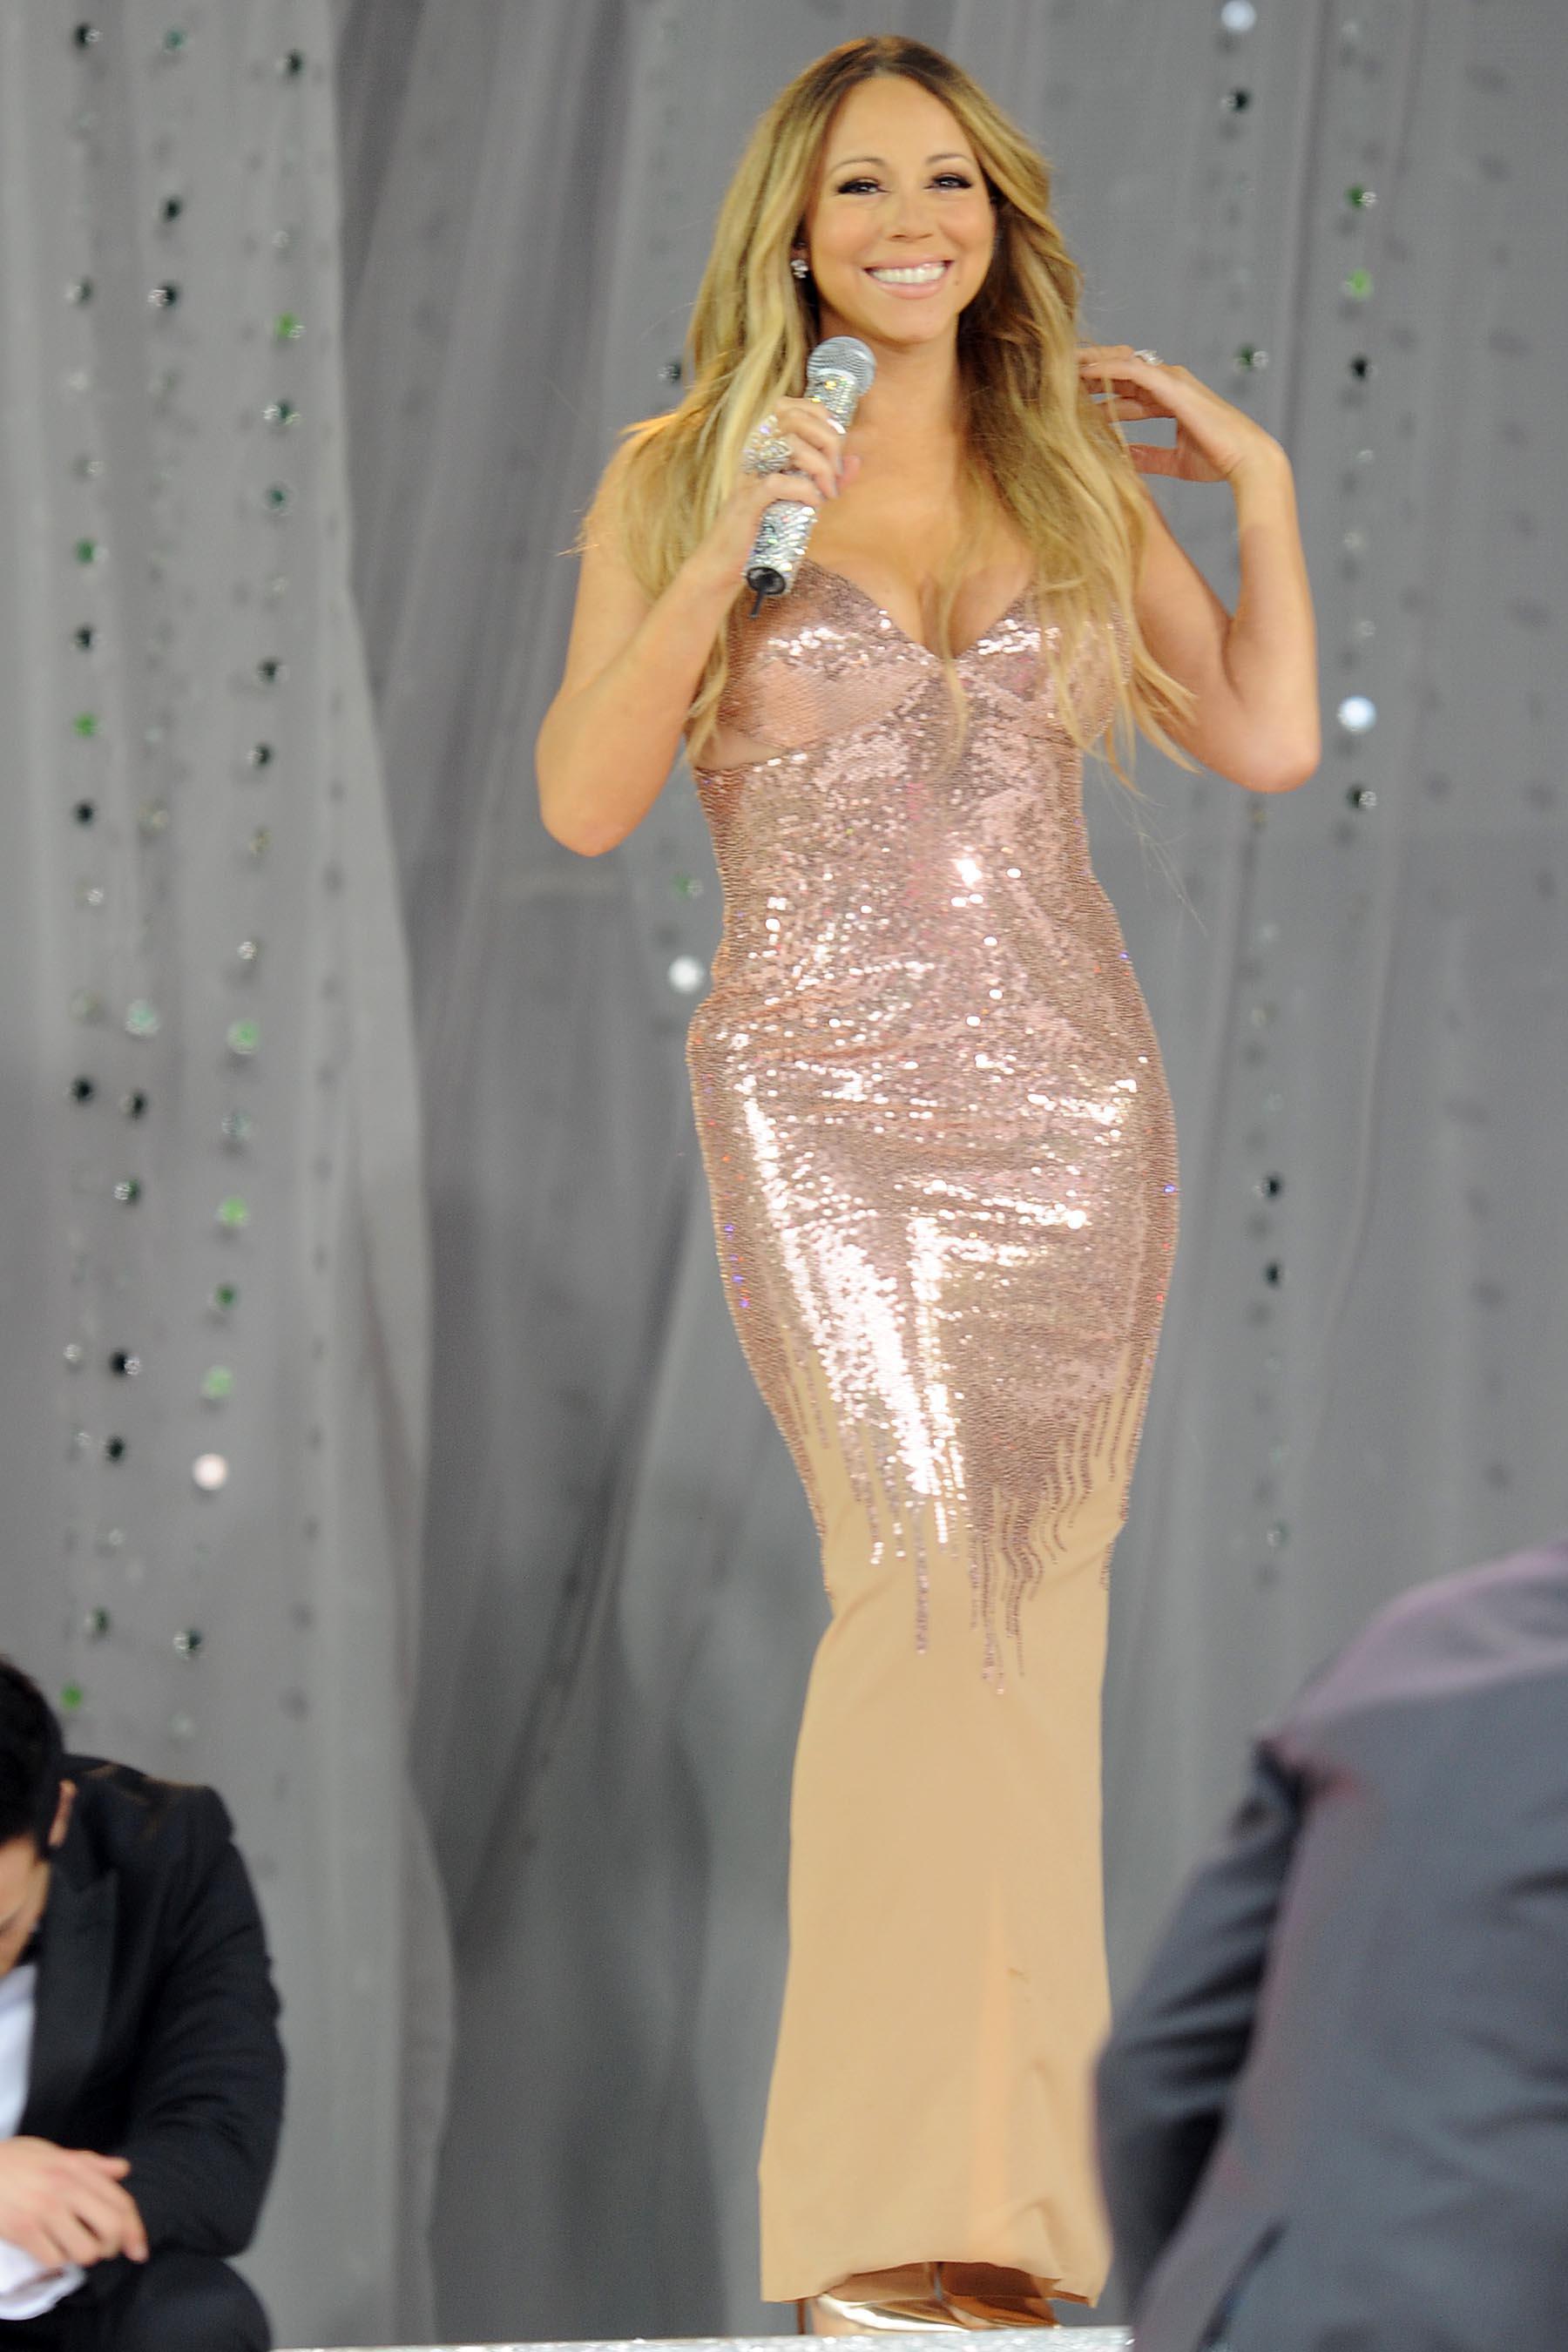 Mariah Carey On Gma 2013 In Nyc 18 Gotceleb